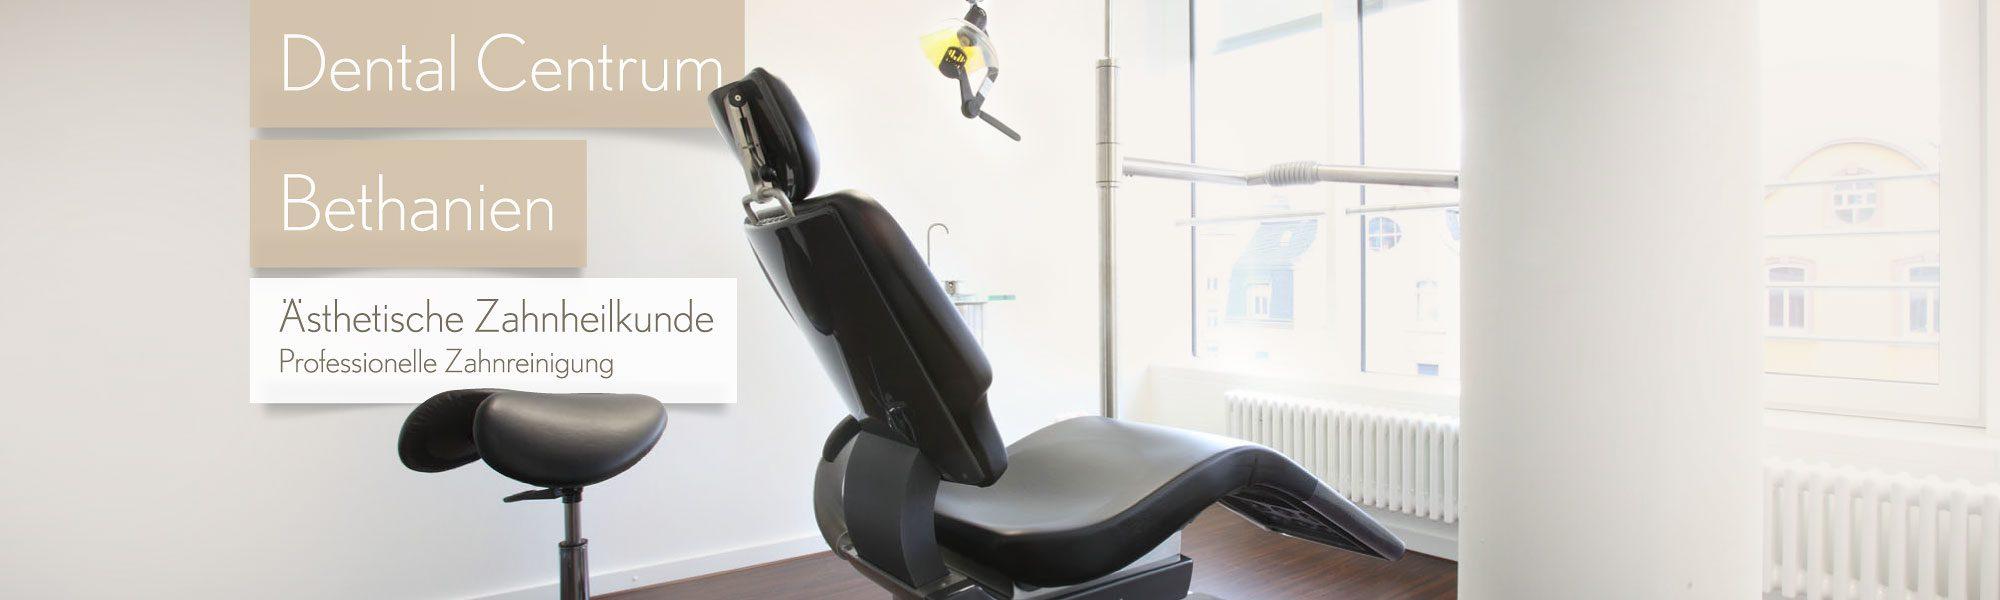 Professionelle Zahnreinigung im Dental-Centrum Bethanien bei Groisman & Laube